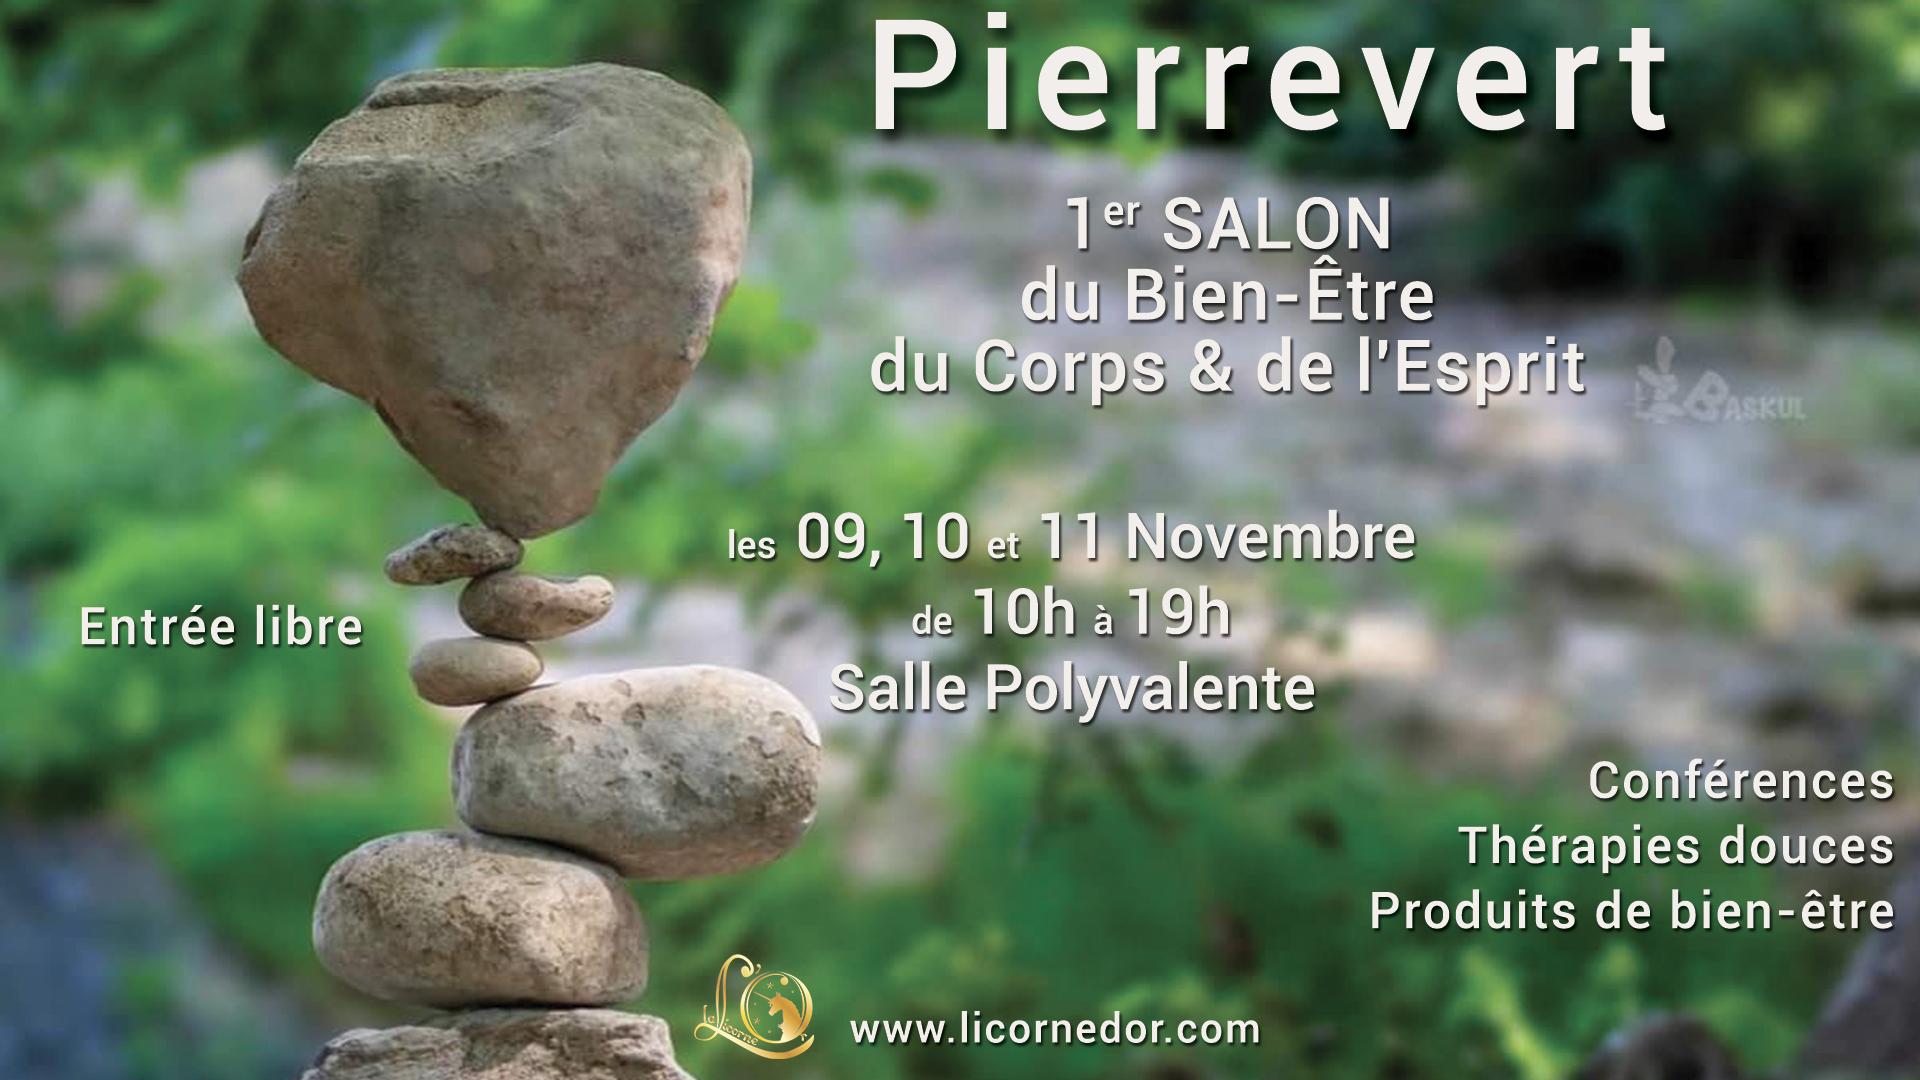 Pierrevert 2019 - 1er Salon du Bien-Être du Corps & de l'Esprit